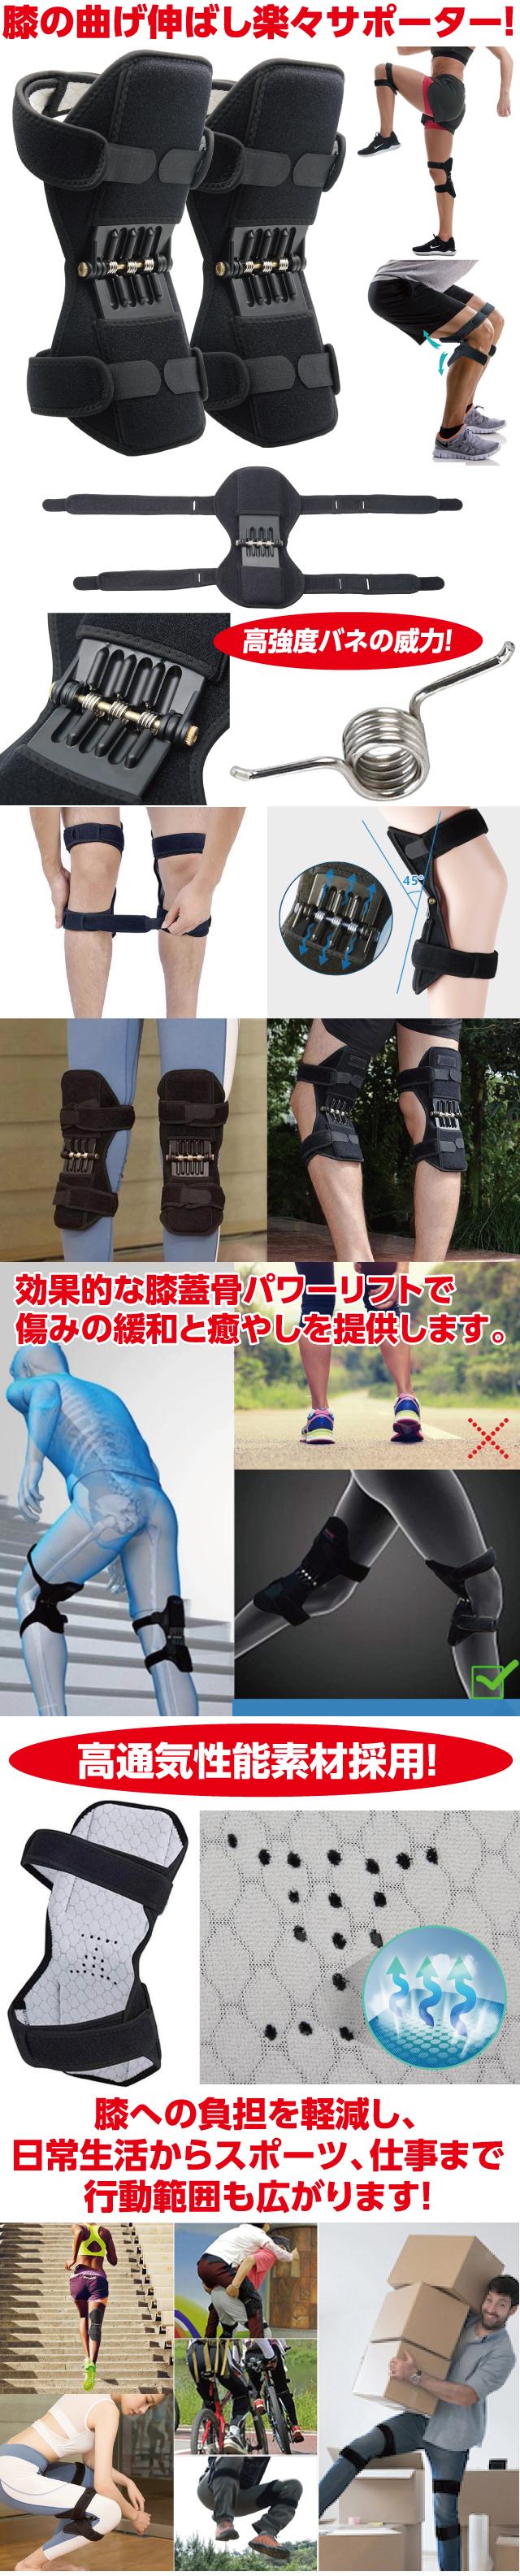 膝バネサポーター